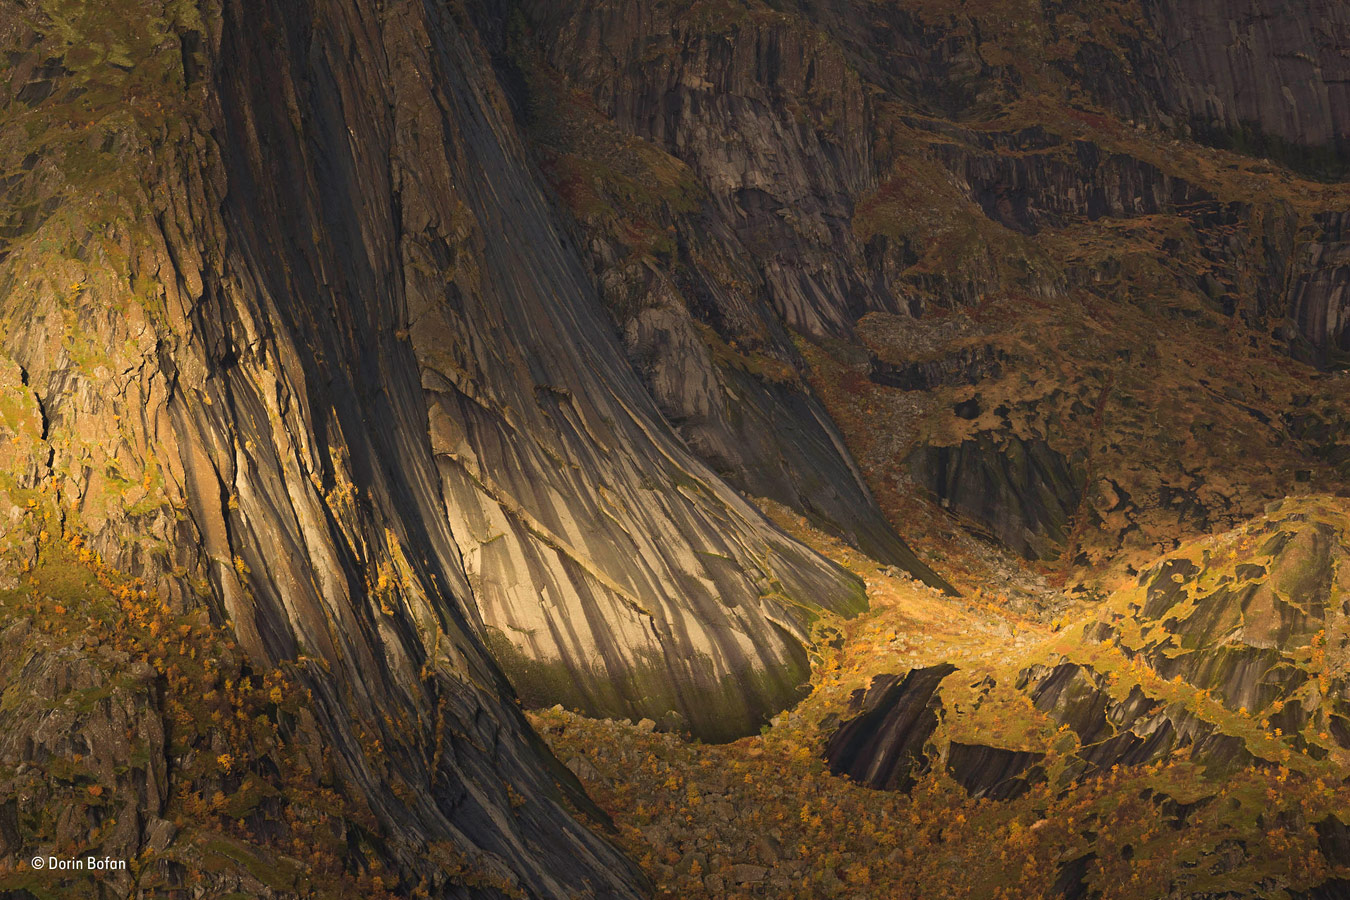 Гобелен жизни, © Дорин Бофан / Dorin Bofan, Румыния, Победитель категории «Растения и грибы», Фотоконкурс «Фотограф года живой природы» — Wildlife Photographer of the Year